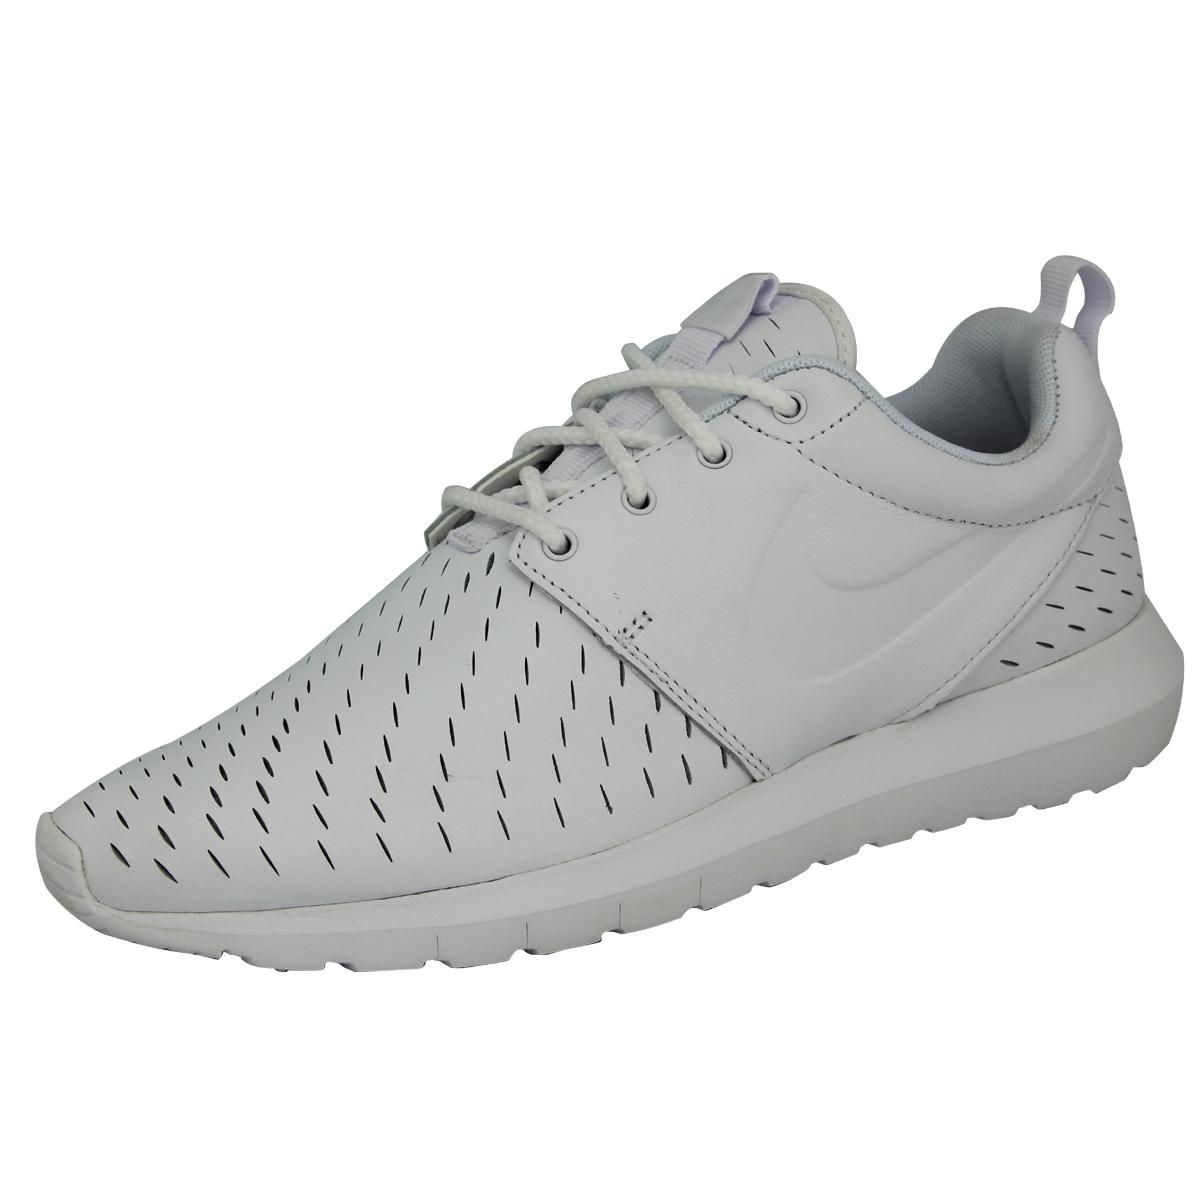 Nike ROSHE NM LSR Scarpe Moda Scarpe sportive Uomo Pelle Bianca